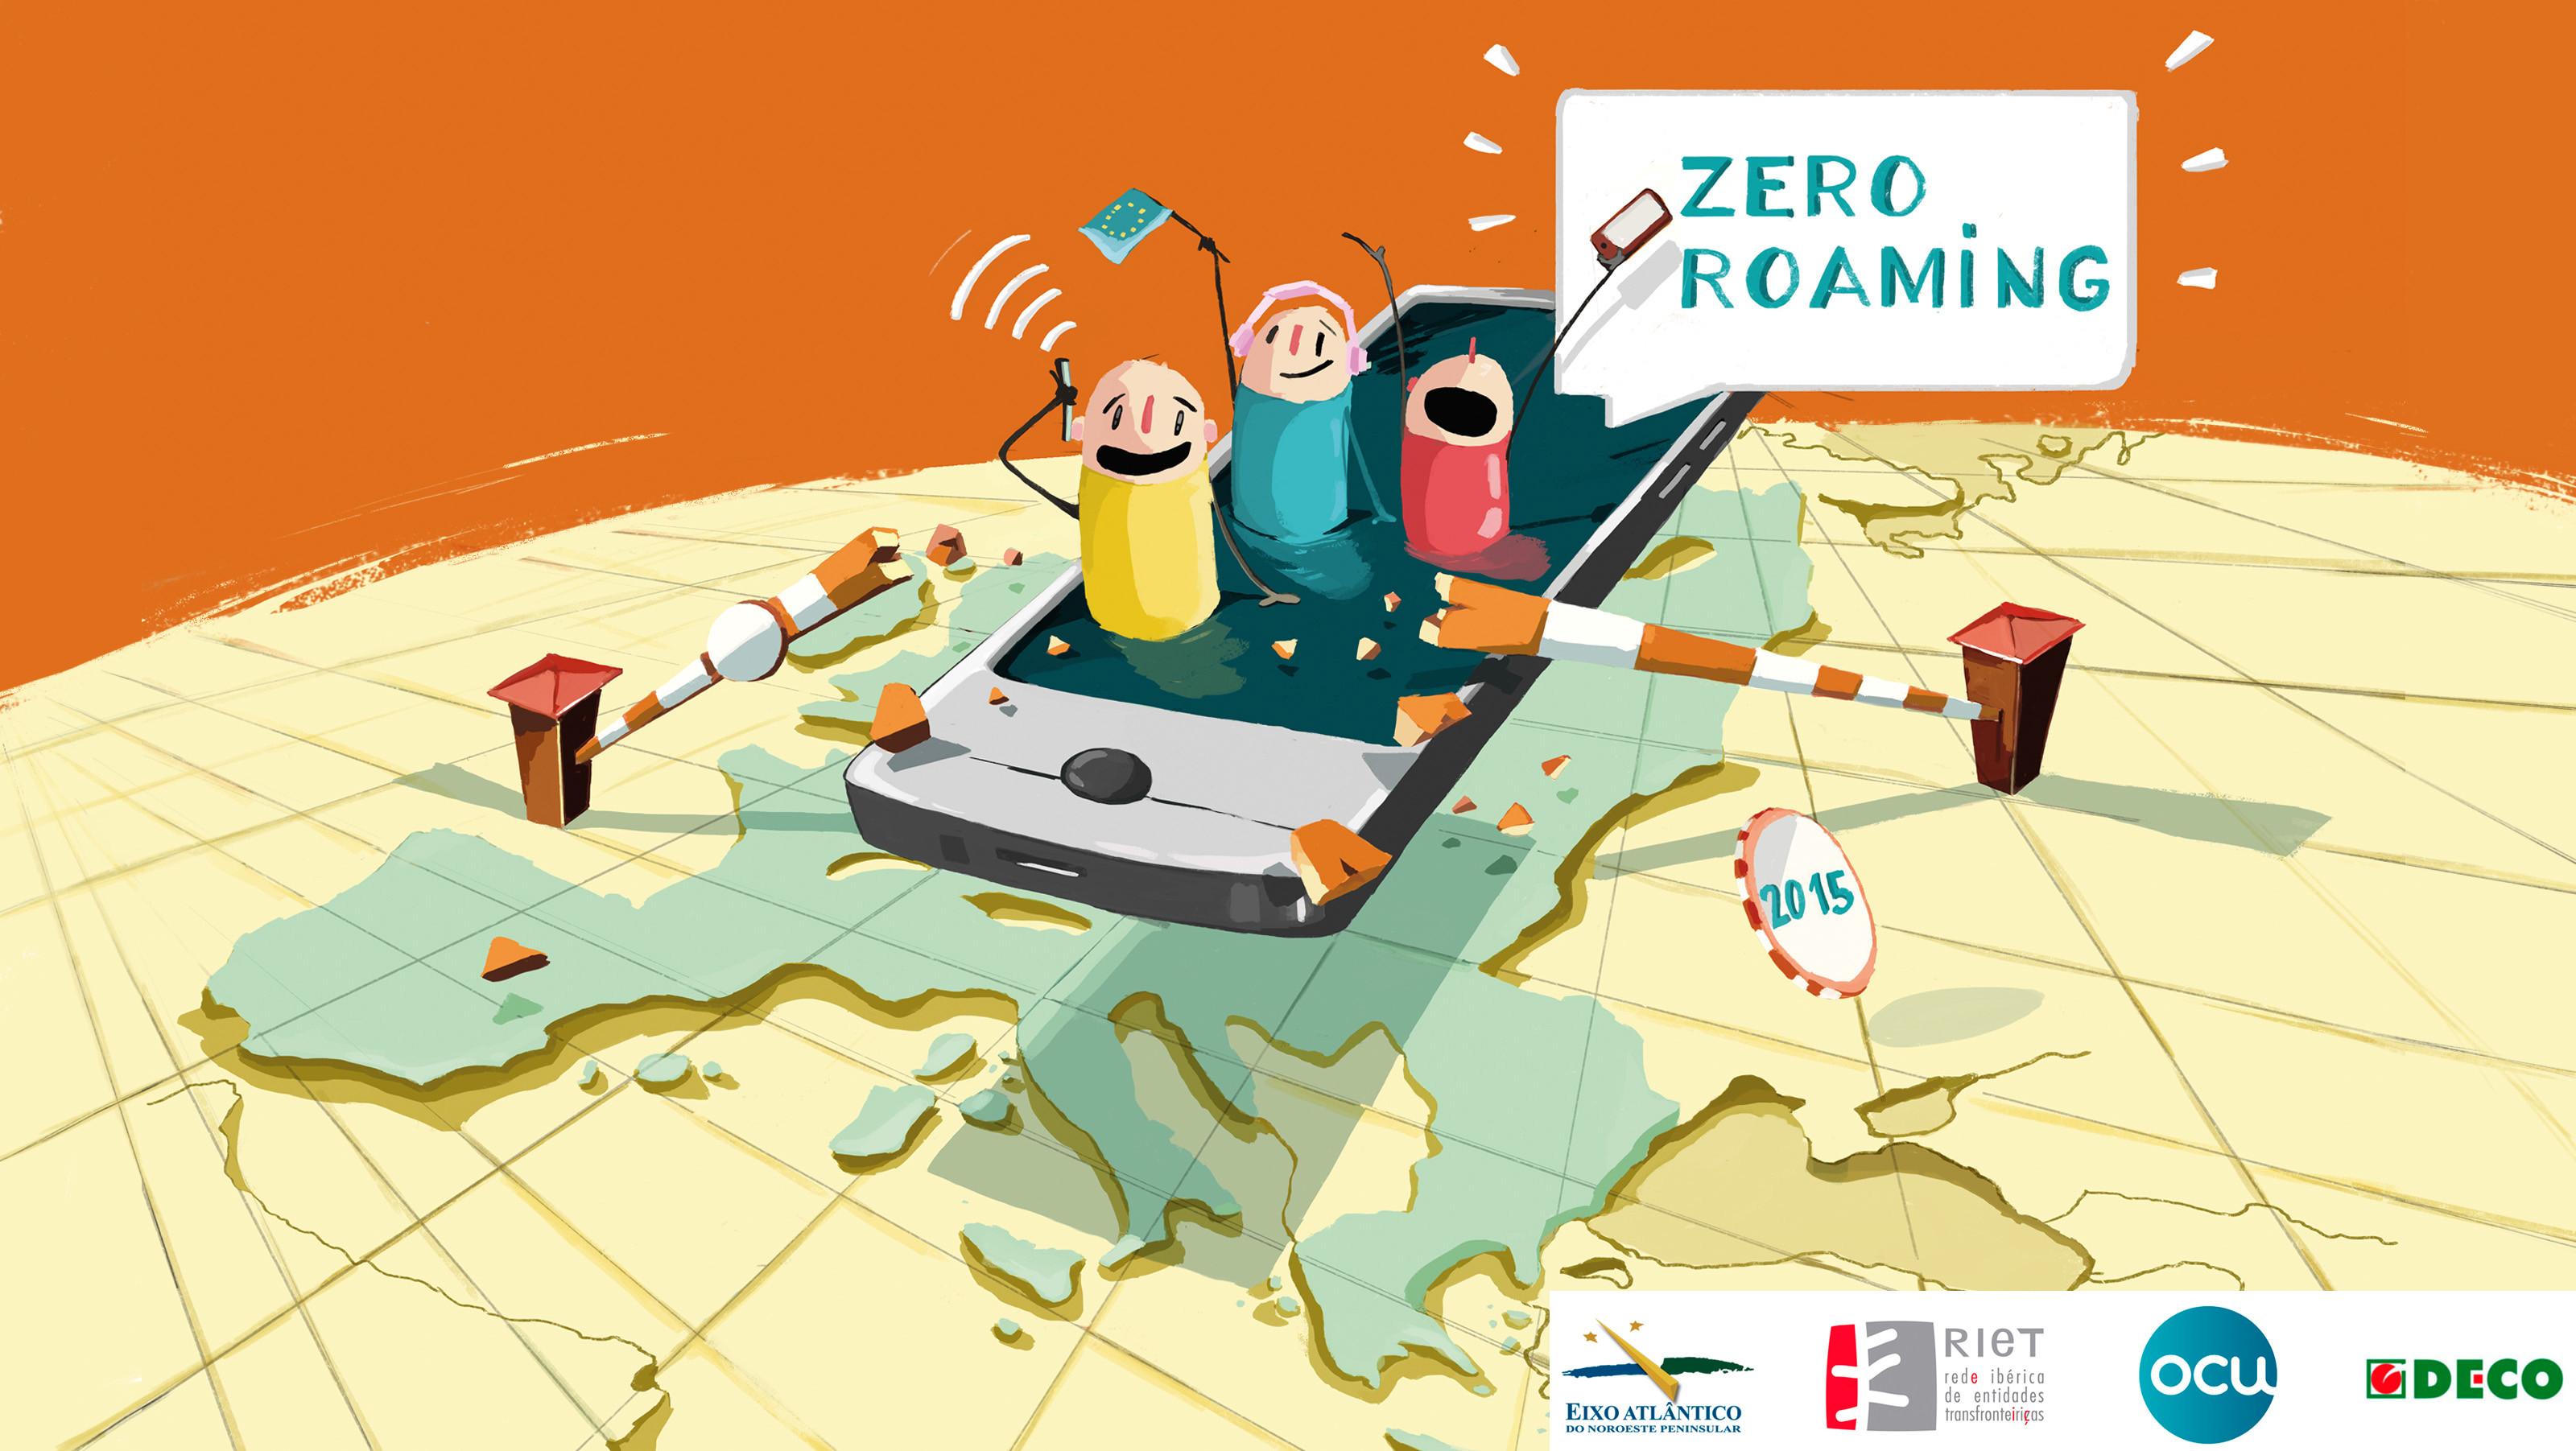 Zero roaming imagen